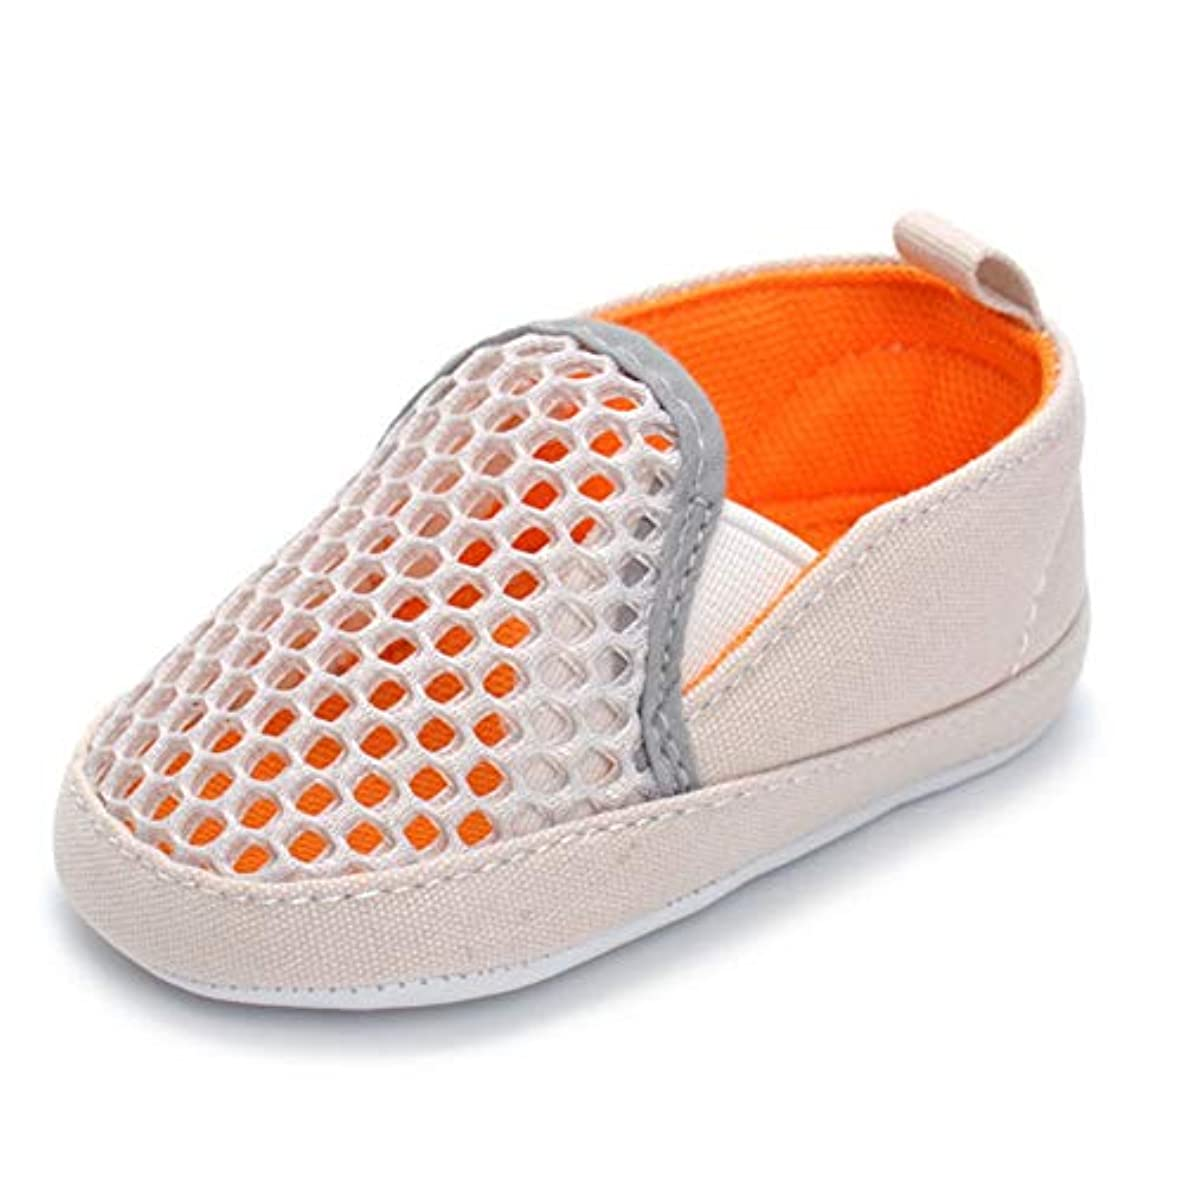 カウンターパートサンダーそうでなければQINJLI ベビーシューズ、 オレンジメッシュ通気性0-1歳の赤ちゃんの幼児の靴柔らかい底のスリップライトと快適